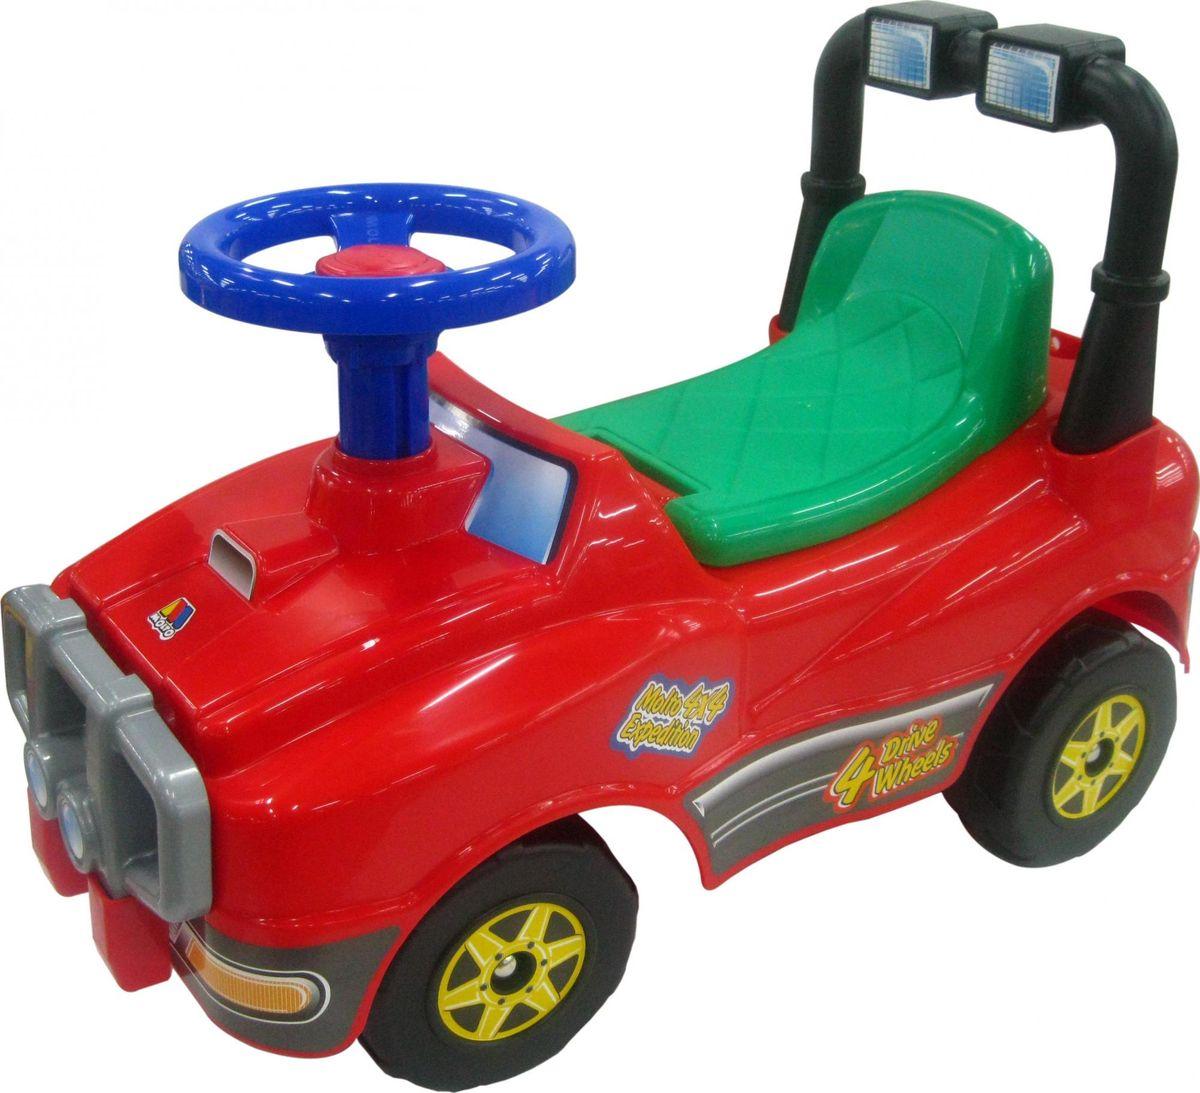 Полесье Каталка Джип №2 цвет в ассортименте автомобиль каталка полесье премиум 2 67142 цвет в ассортименте